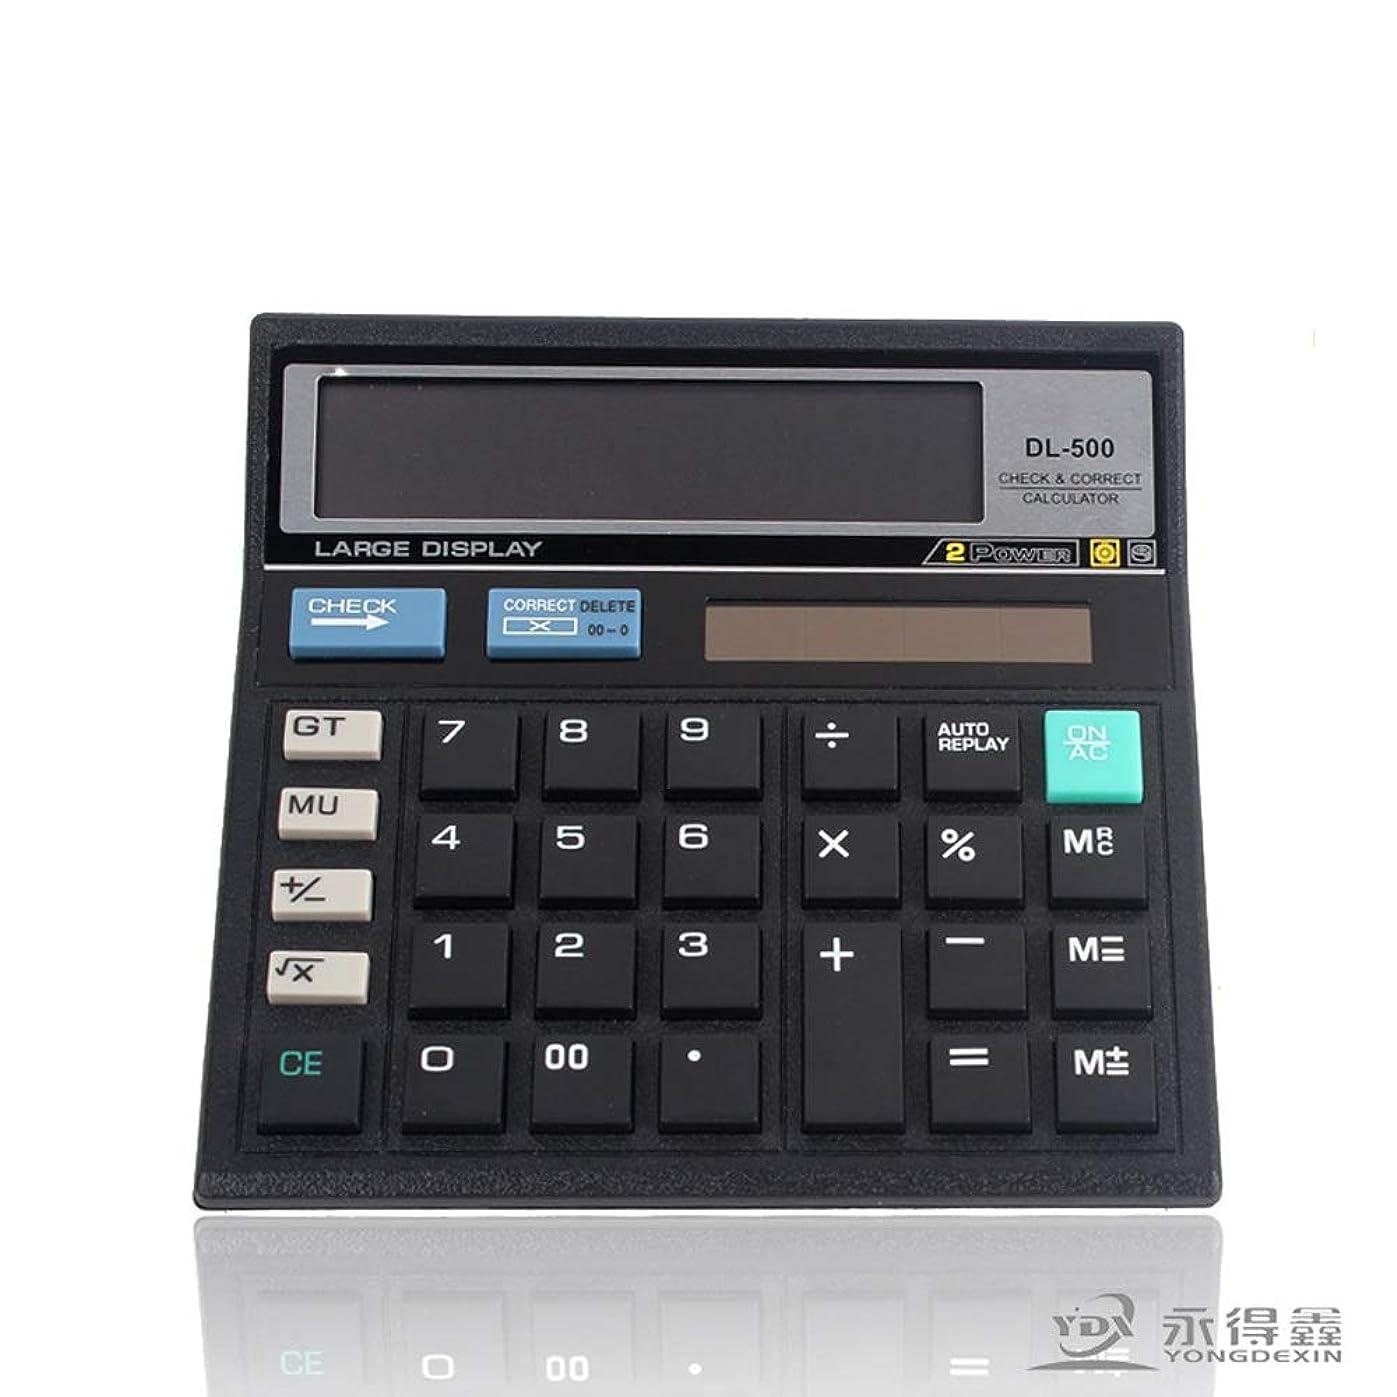 先例試してみるスキームビジネス電卓 電卓、Helect標準機能デスクトップ電卓 ミニジャストタイプ電卓